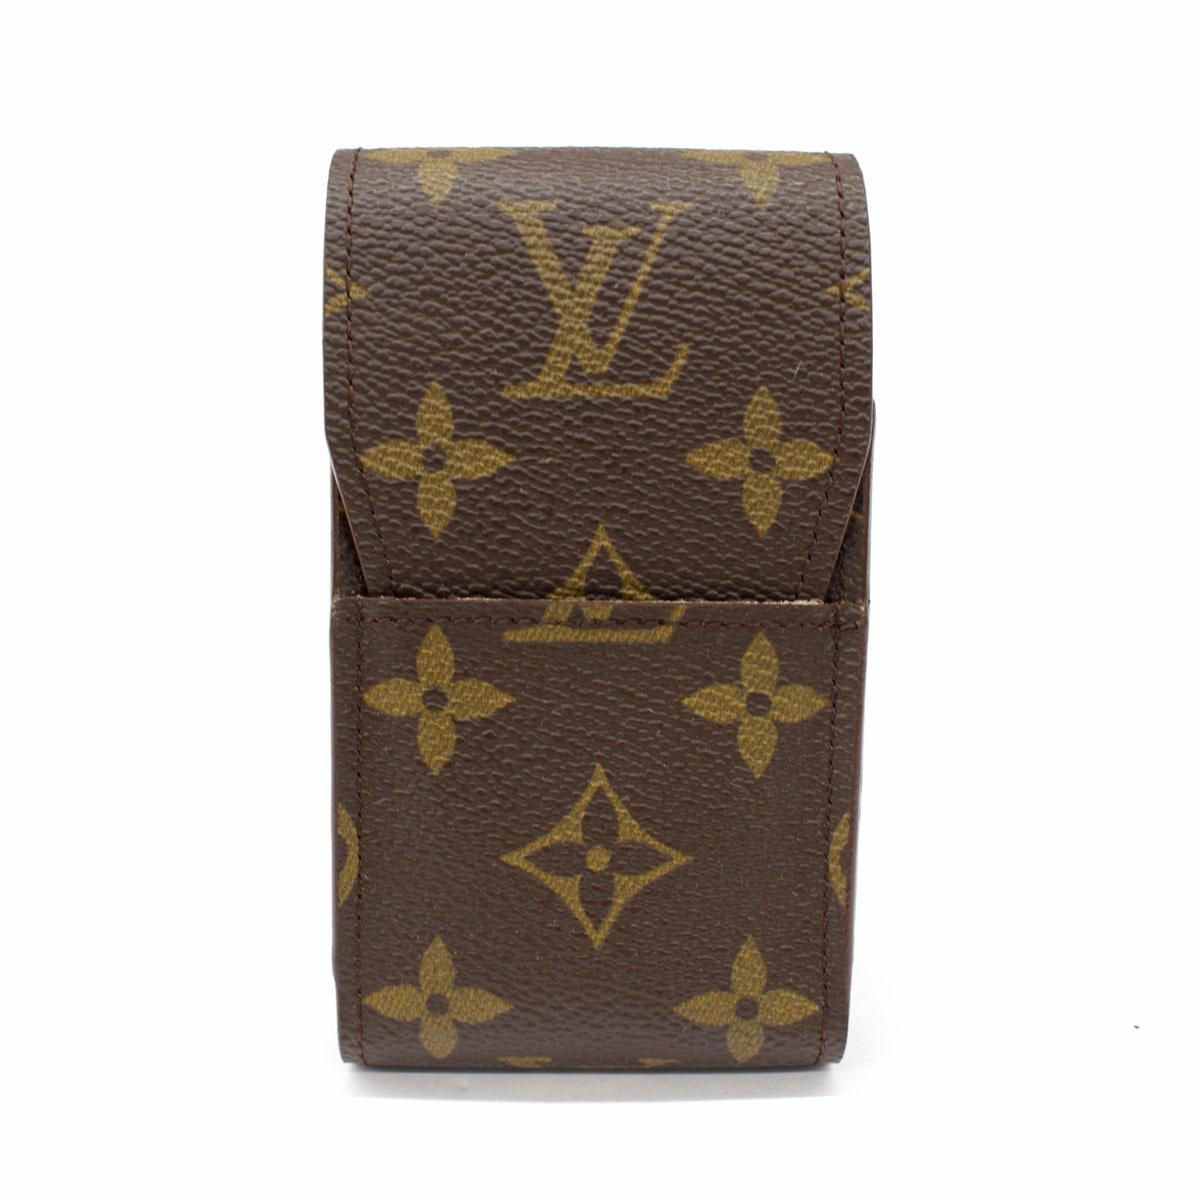 LOUIS VUITTON ルイヴィトン モノグラム 売れ筋ランキング エテュイ 即納 シガレット CT0976 brown 服飾小物 ブラウン 中古 メンズ 茶 レディース 喫煙具